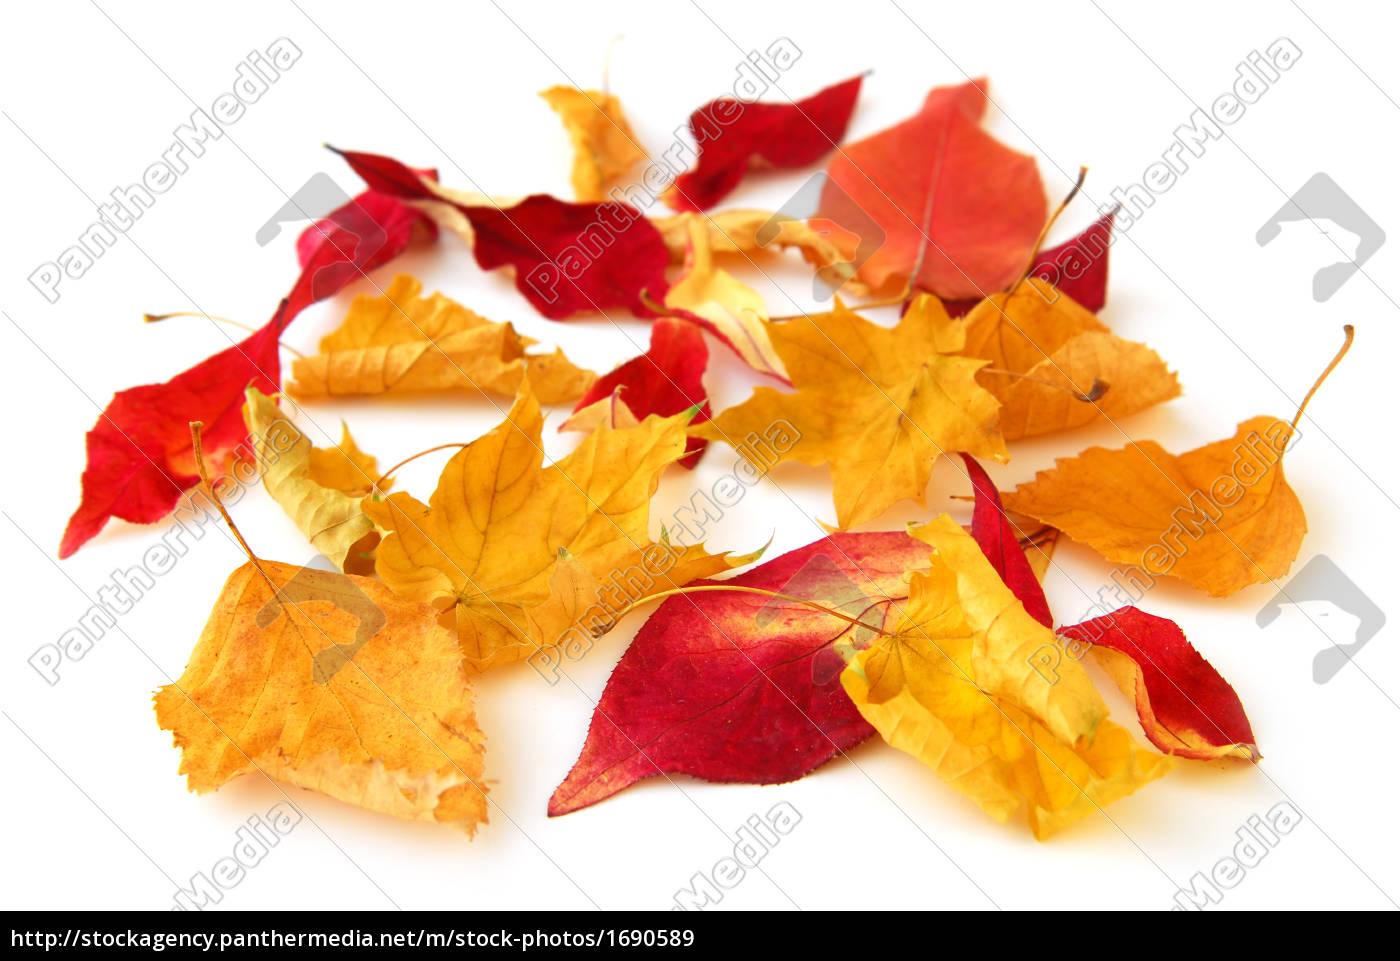 autumn, leaves - 1690589